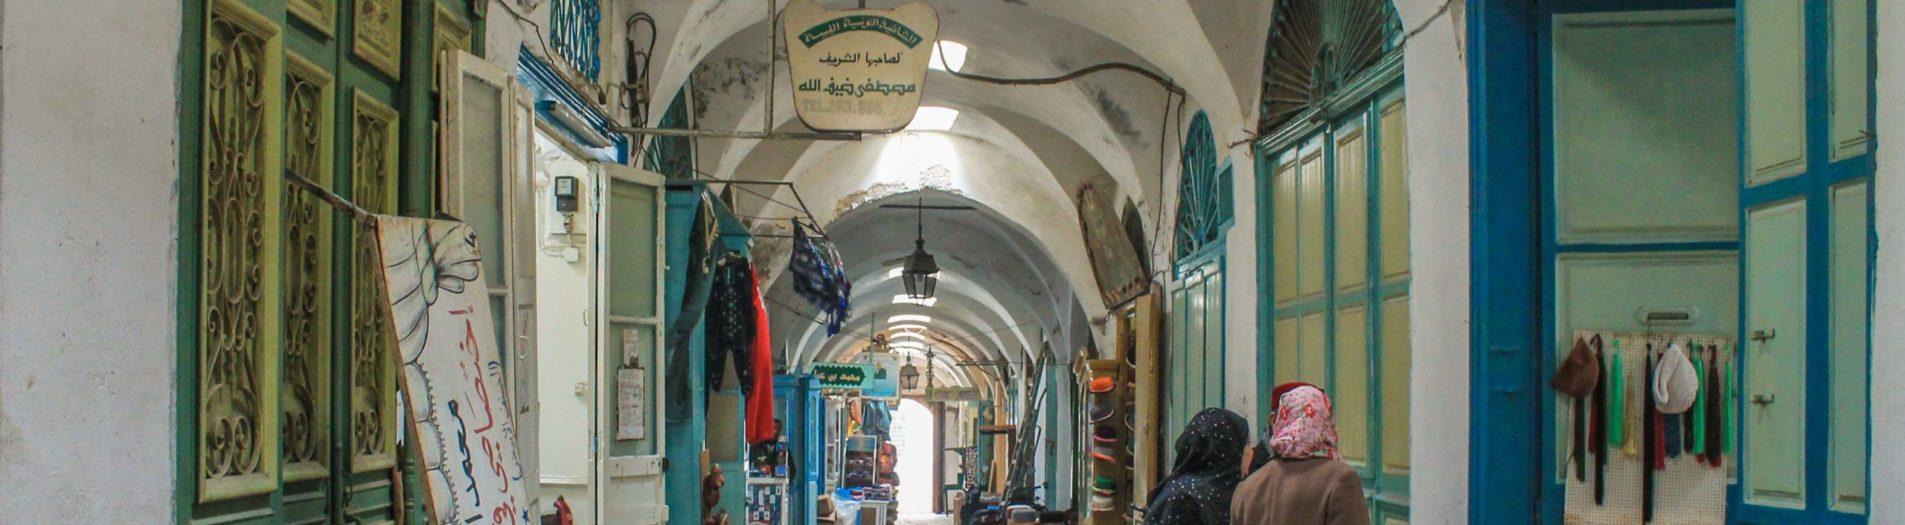 Le souk des Chéchias de Tunis